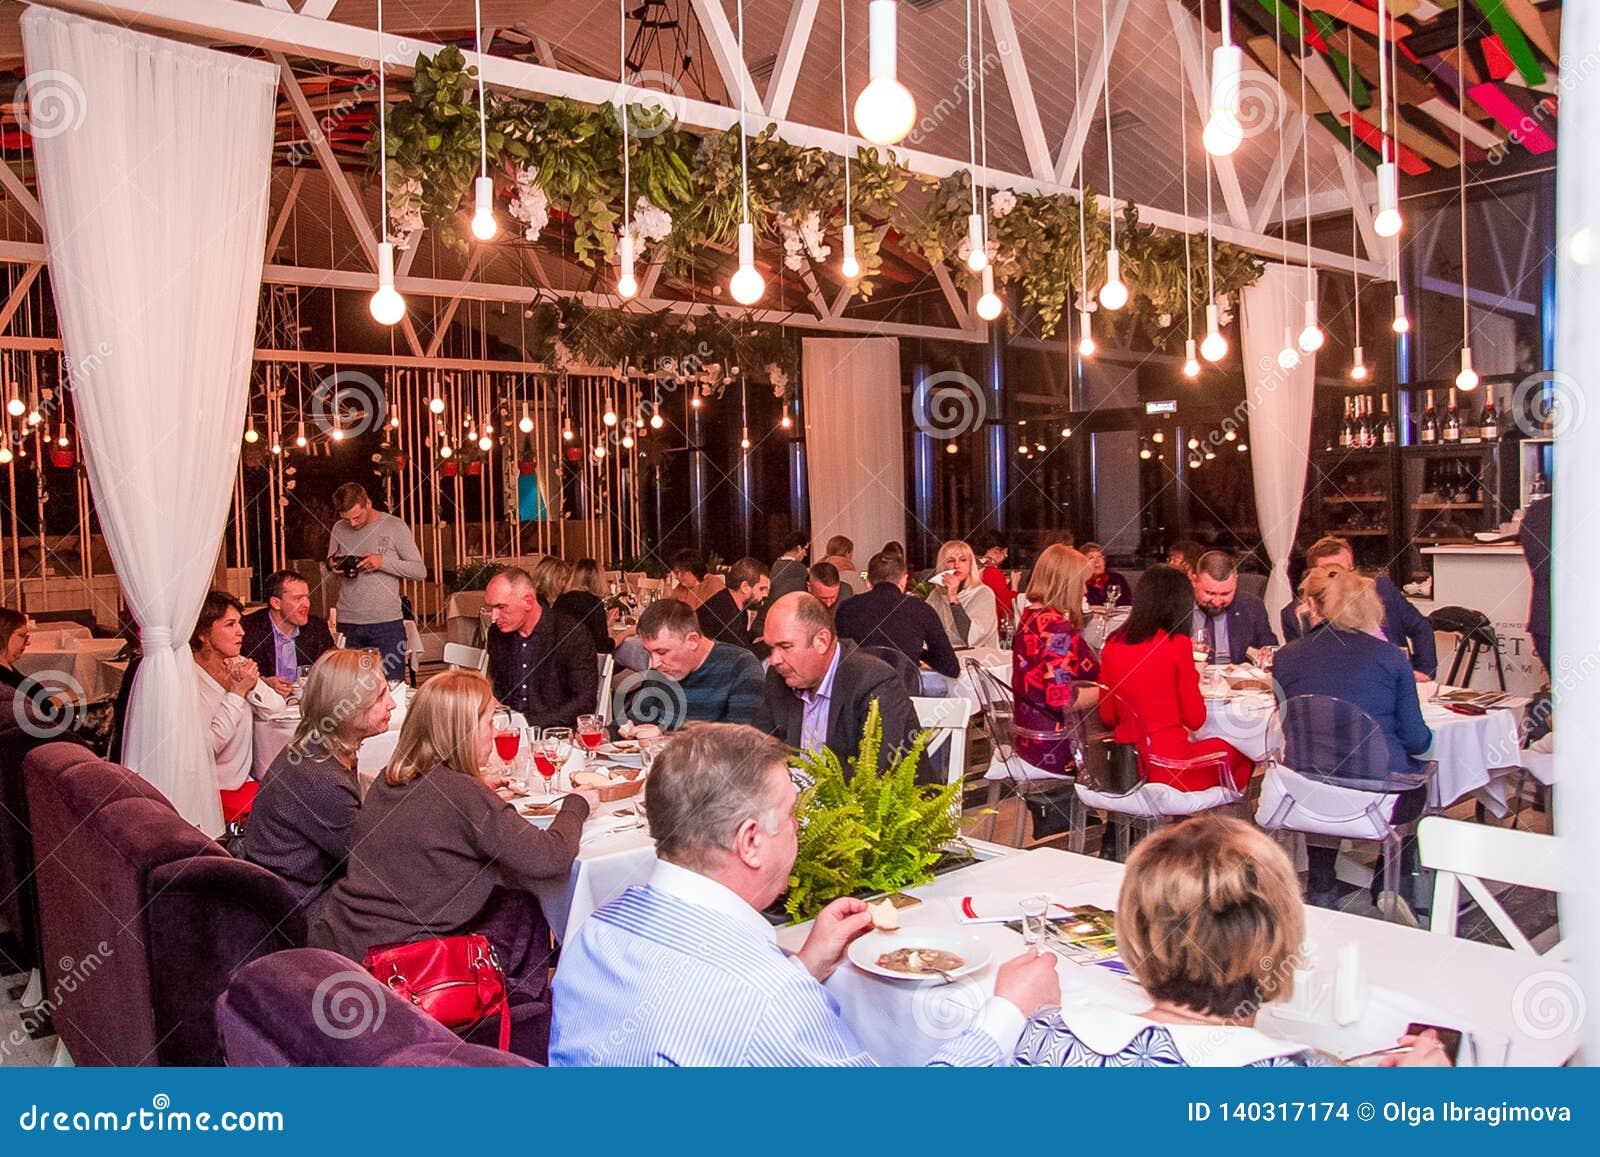 Volgograd, Rusland - februari, 2019: Vele mensen dineren in het restaurant Helder Licht